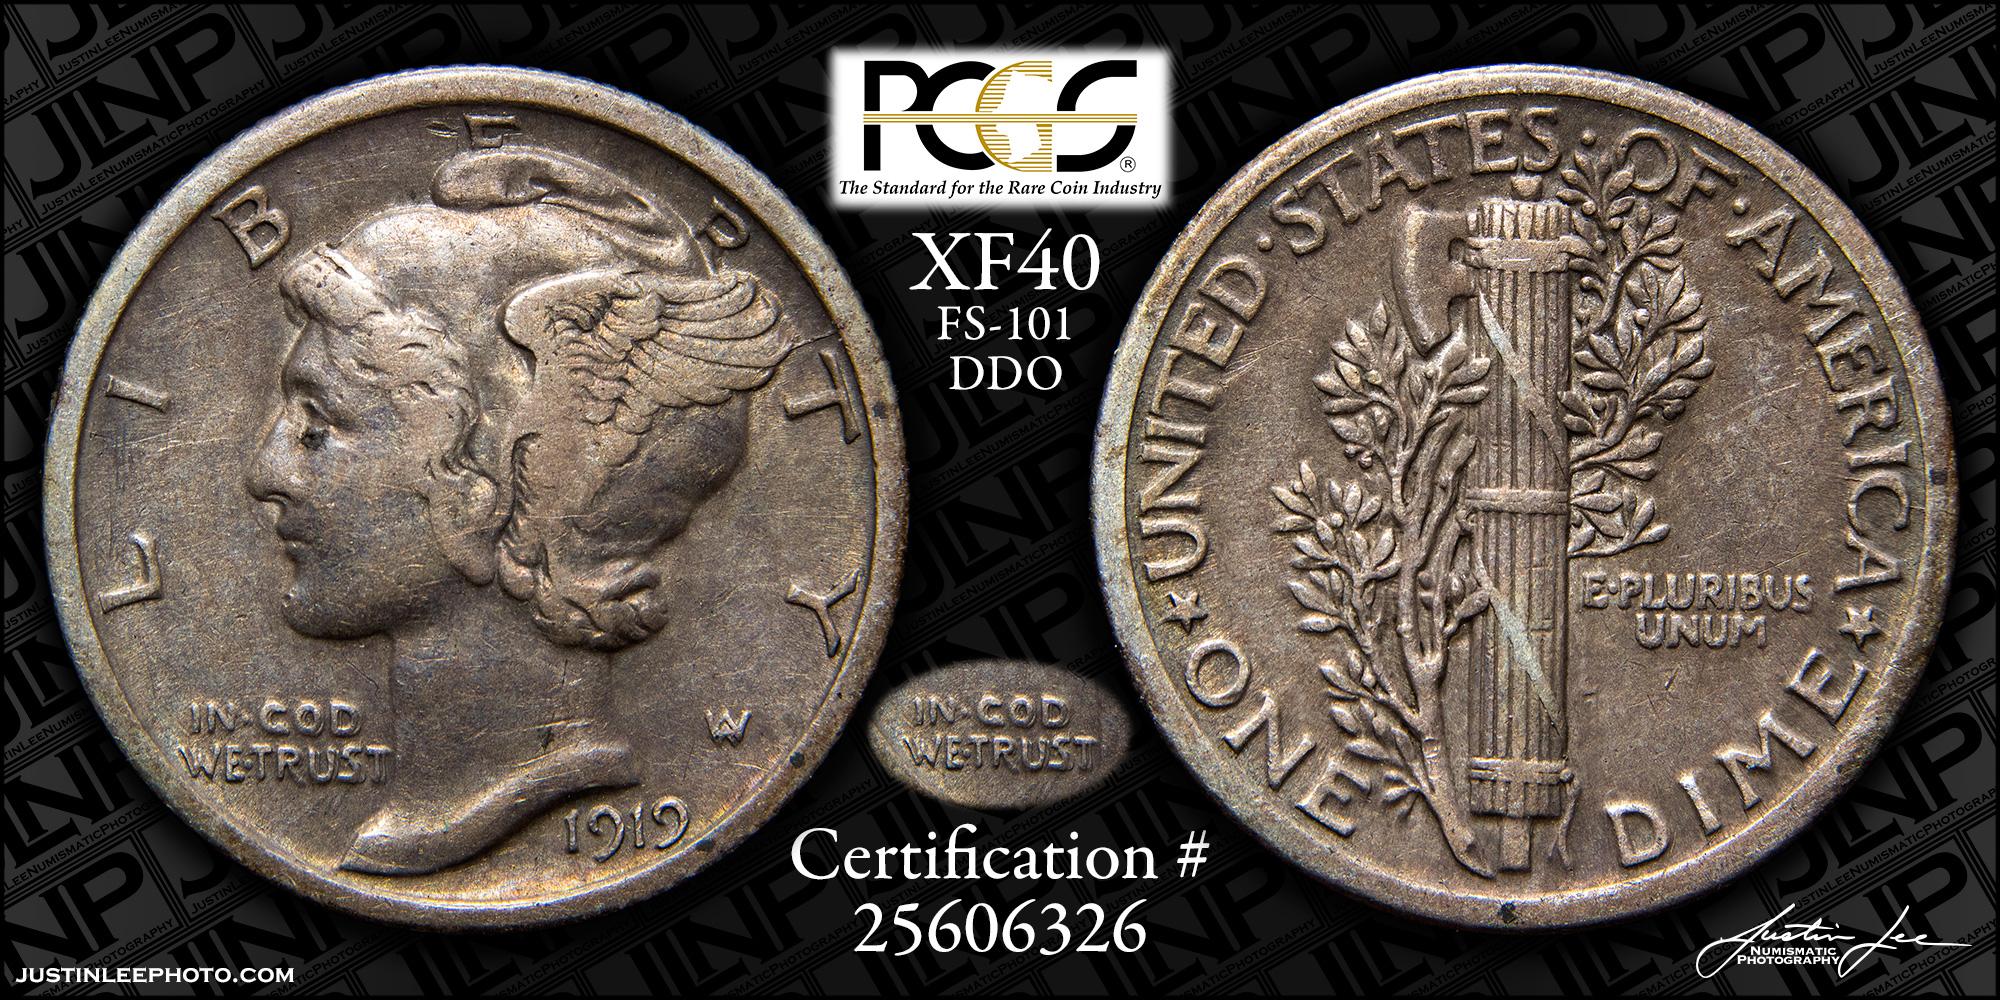 1919 Mercury Dime PCGS XF40 DDO FS-101